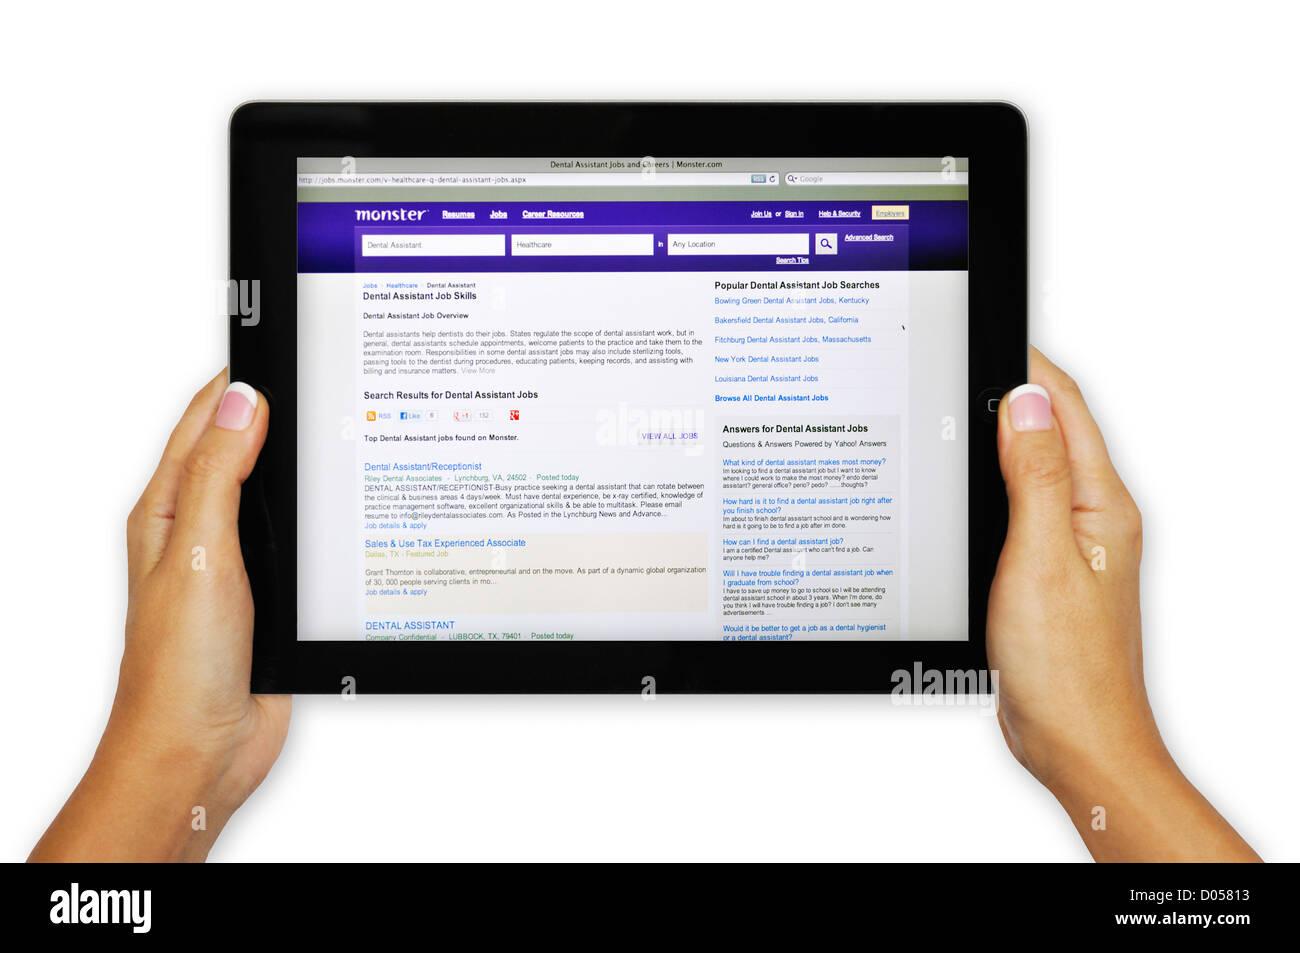 ipad screen showing monster com website job search engine stock stock photo ipad screen showing monster com website job search engine